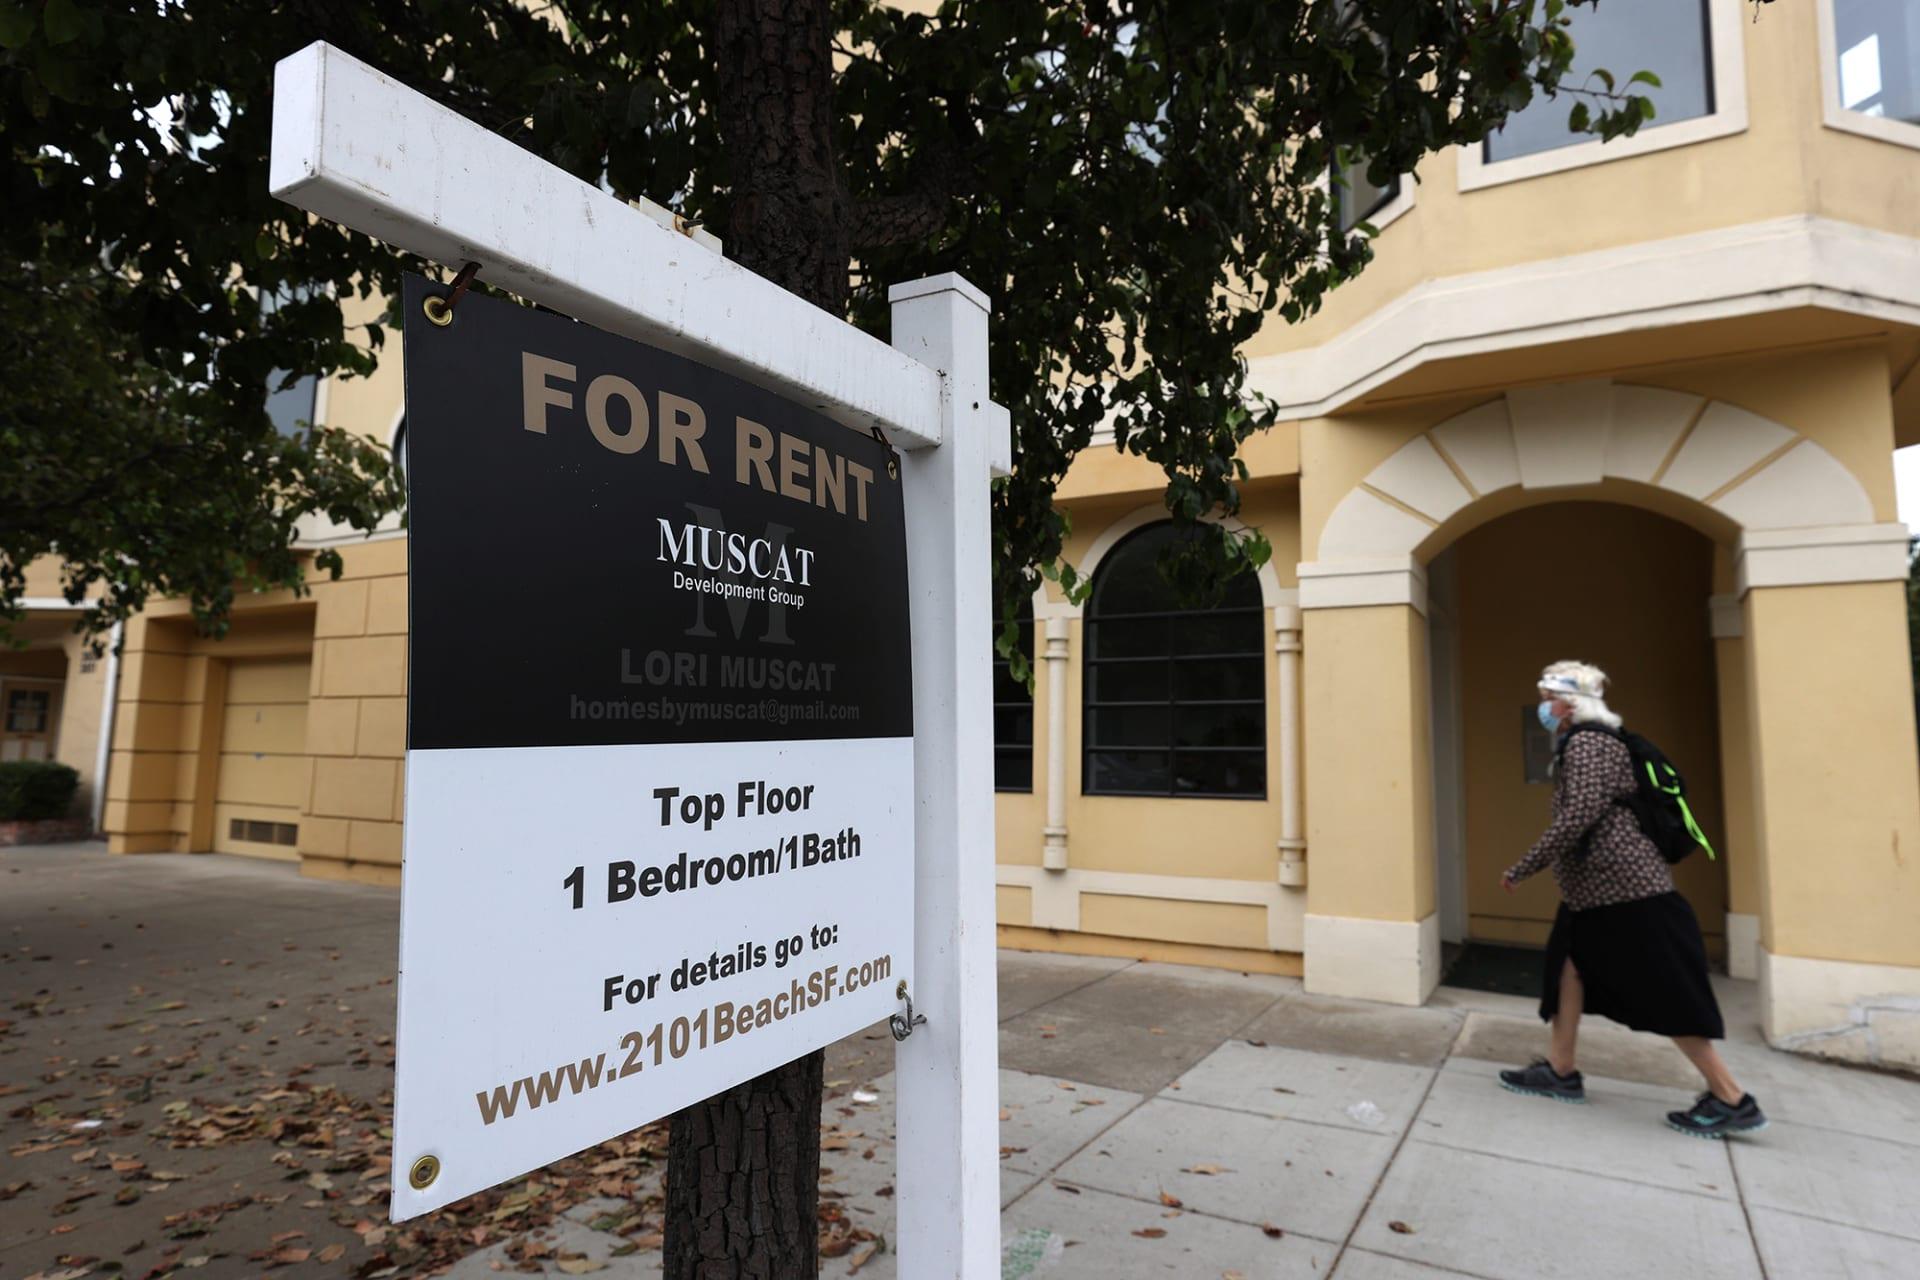 في ظل الأزمة الاقتصادية.. كيف تفاوض لخفض تكلفة إيجار منزلك؟